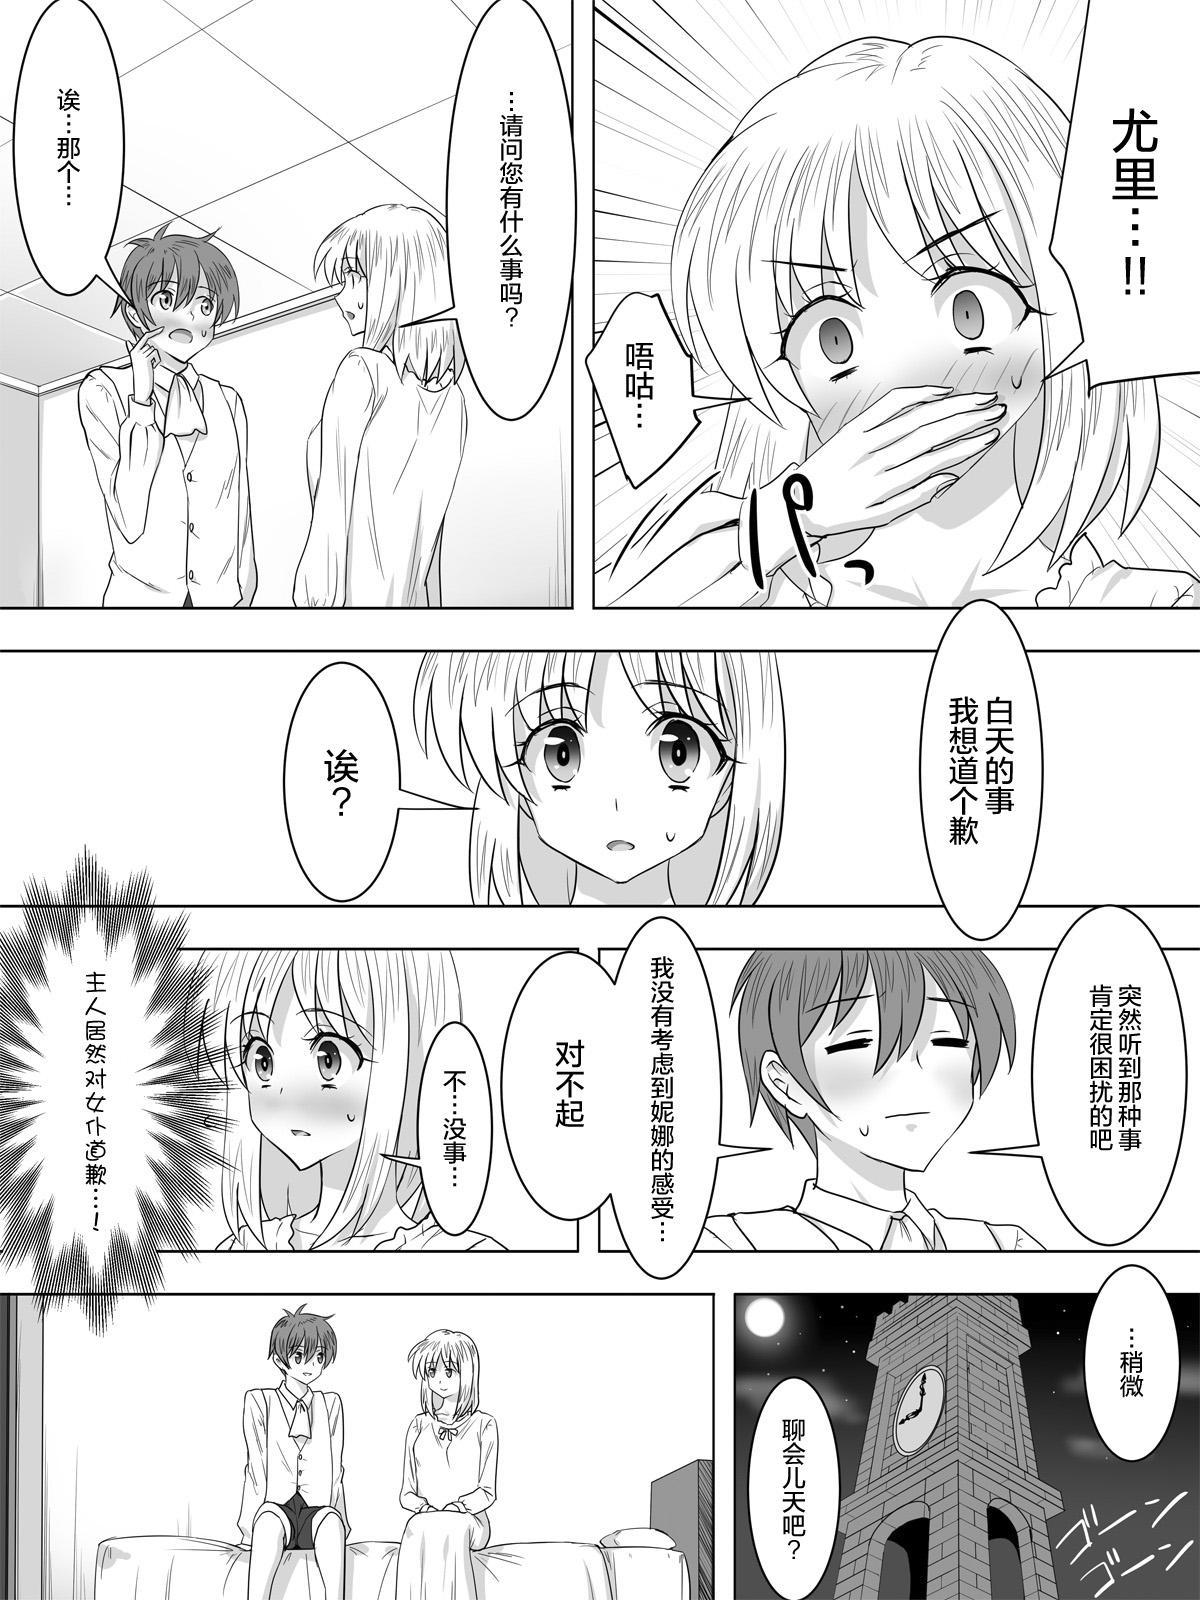 Picchiri Suit Maid to Doutei Kizoku 25